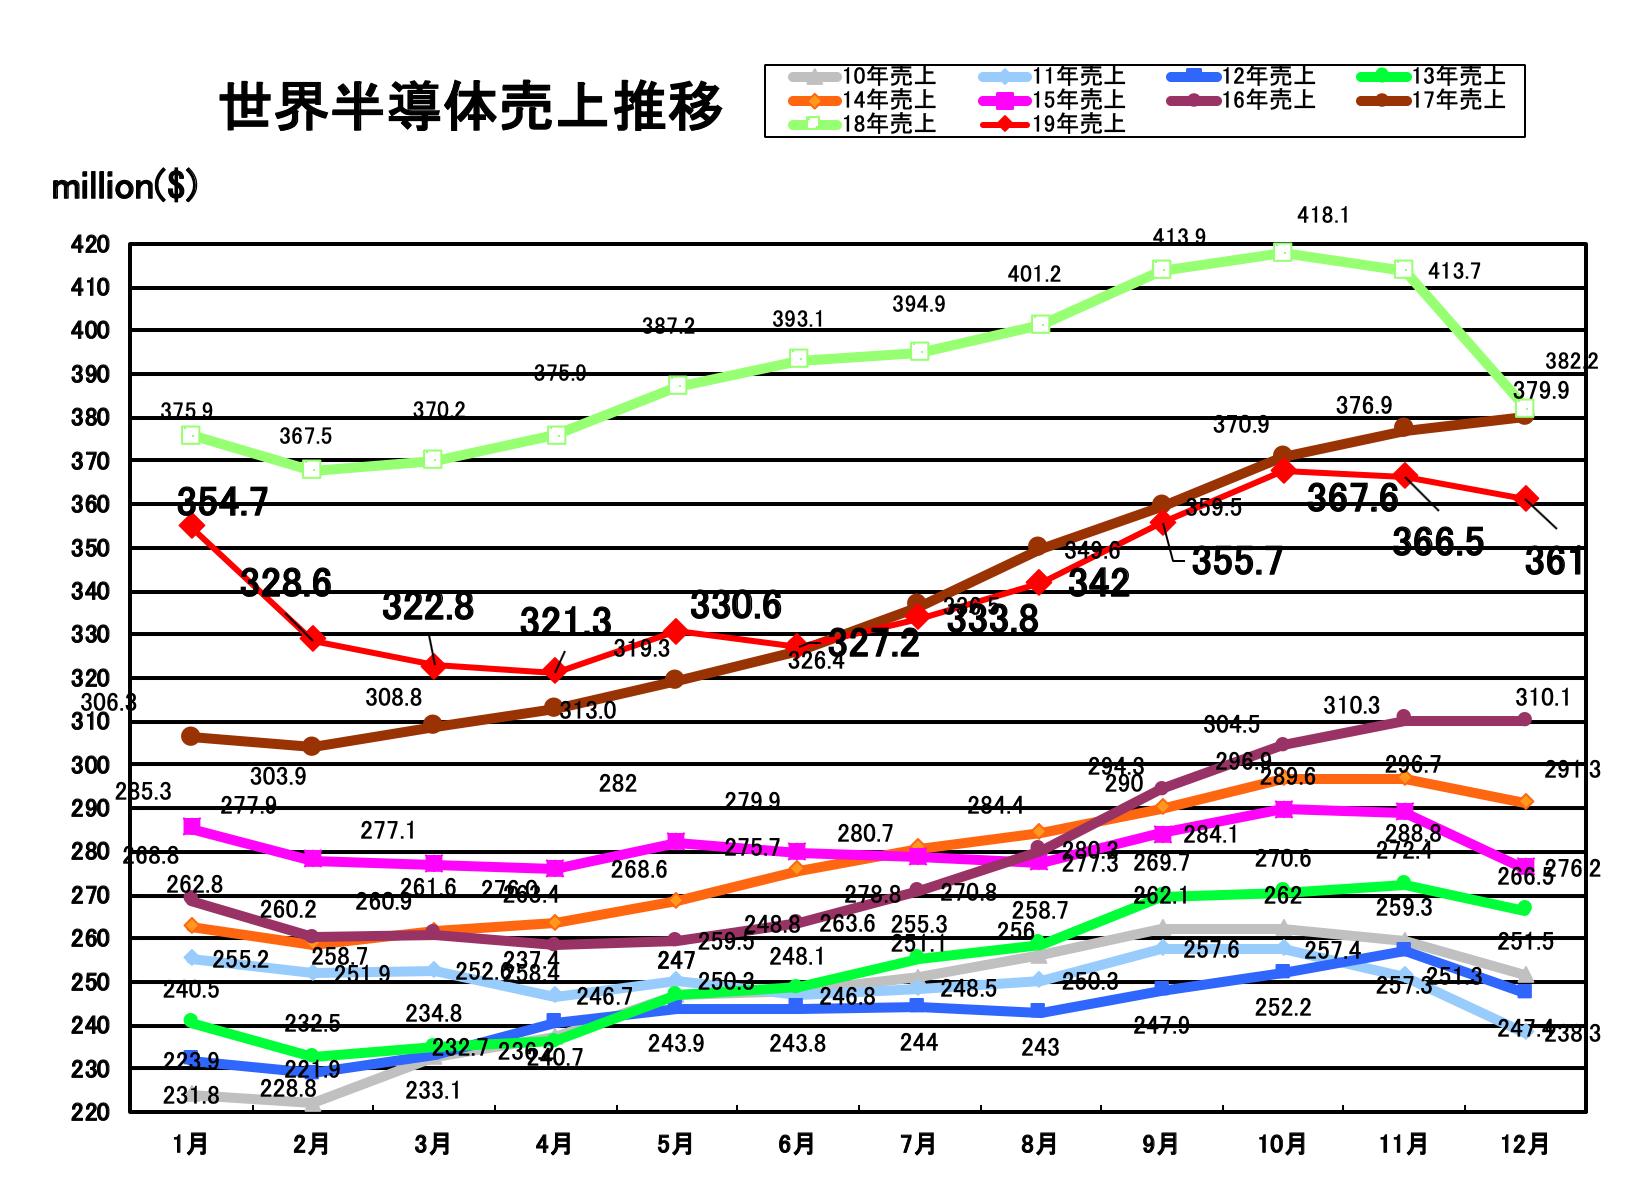 https://www.eda-express.com/%E3%82%B9%E3%82%AF%E3%83%AA%E3%83%BC%E3%83%B3%E3%82%B7%E3%83%A7%E3%83%83%E3%83%88%202020-02-05%209.20.13.png